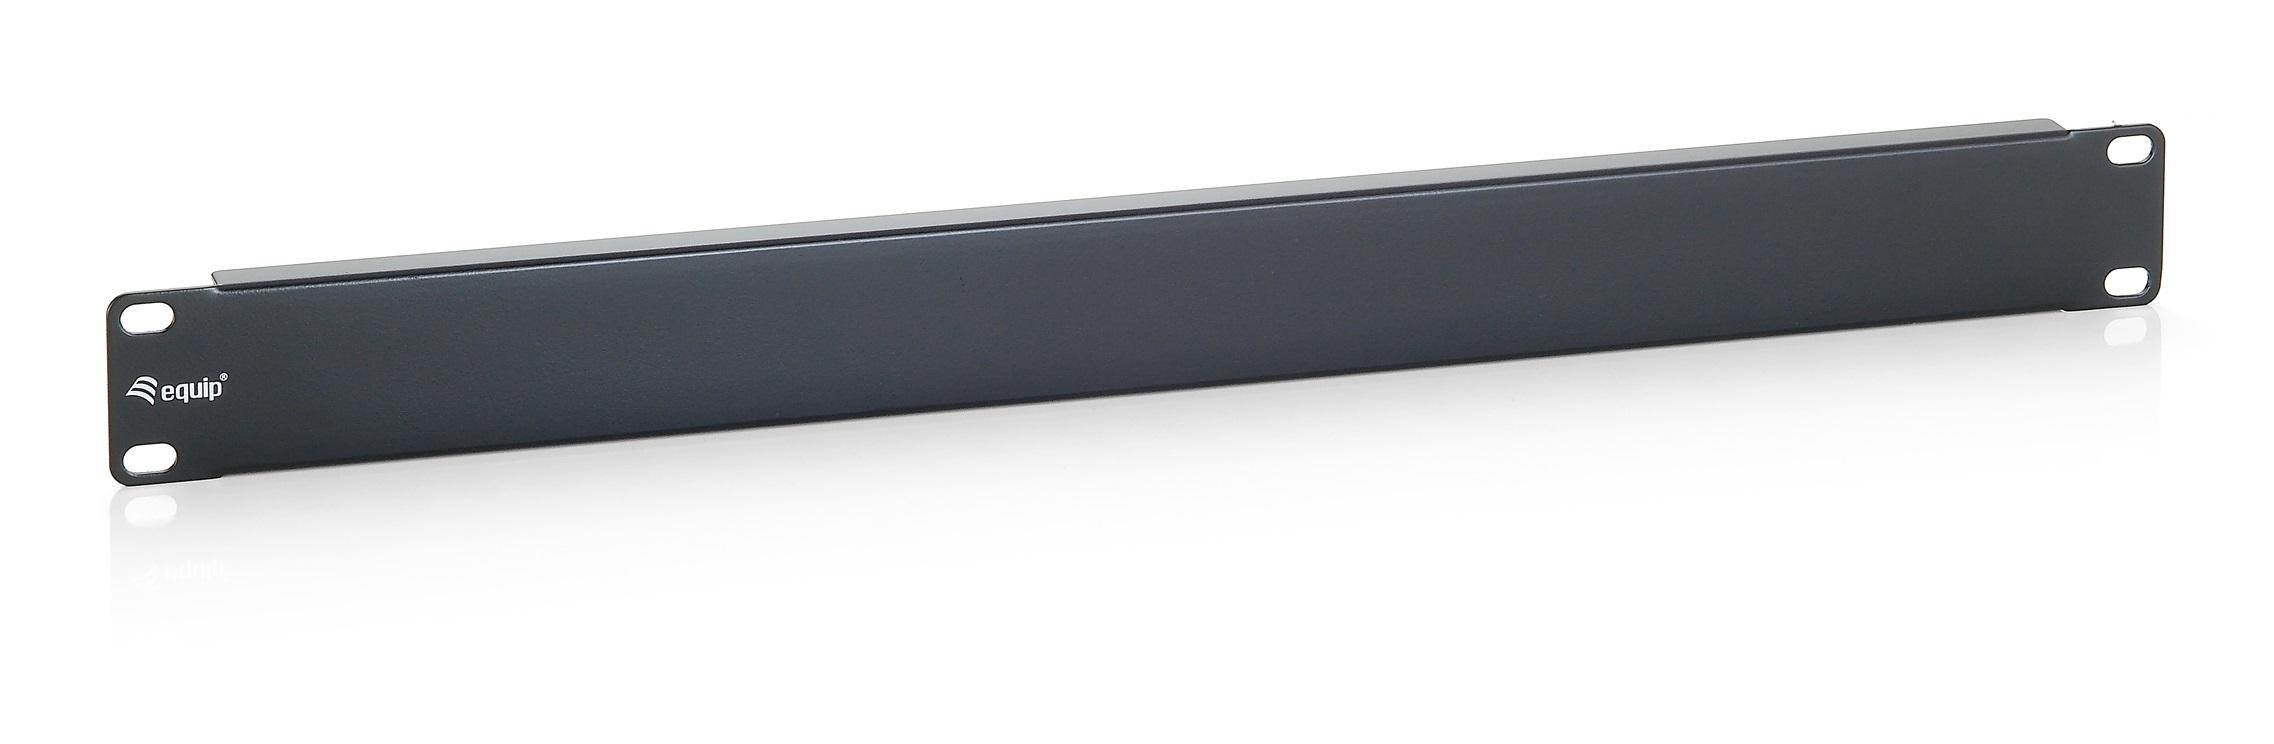 """equip Patch Panel - Blindabdeckung - Schwarz, RAL 9005 - 2U - 48.3 cm (19"""")"""